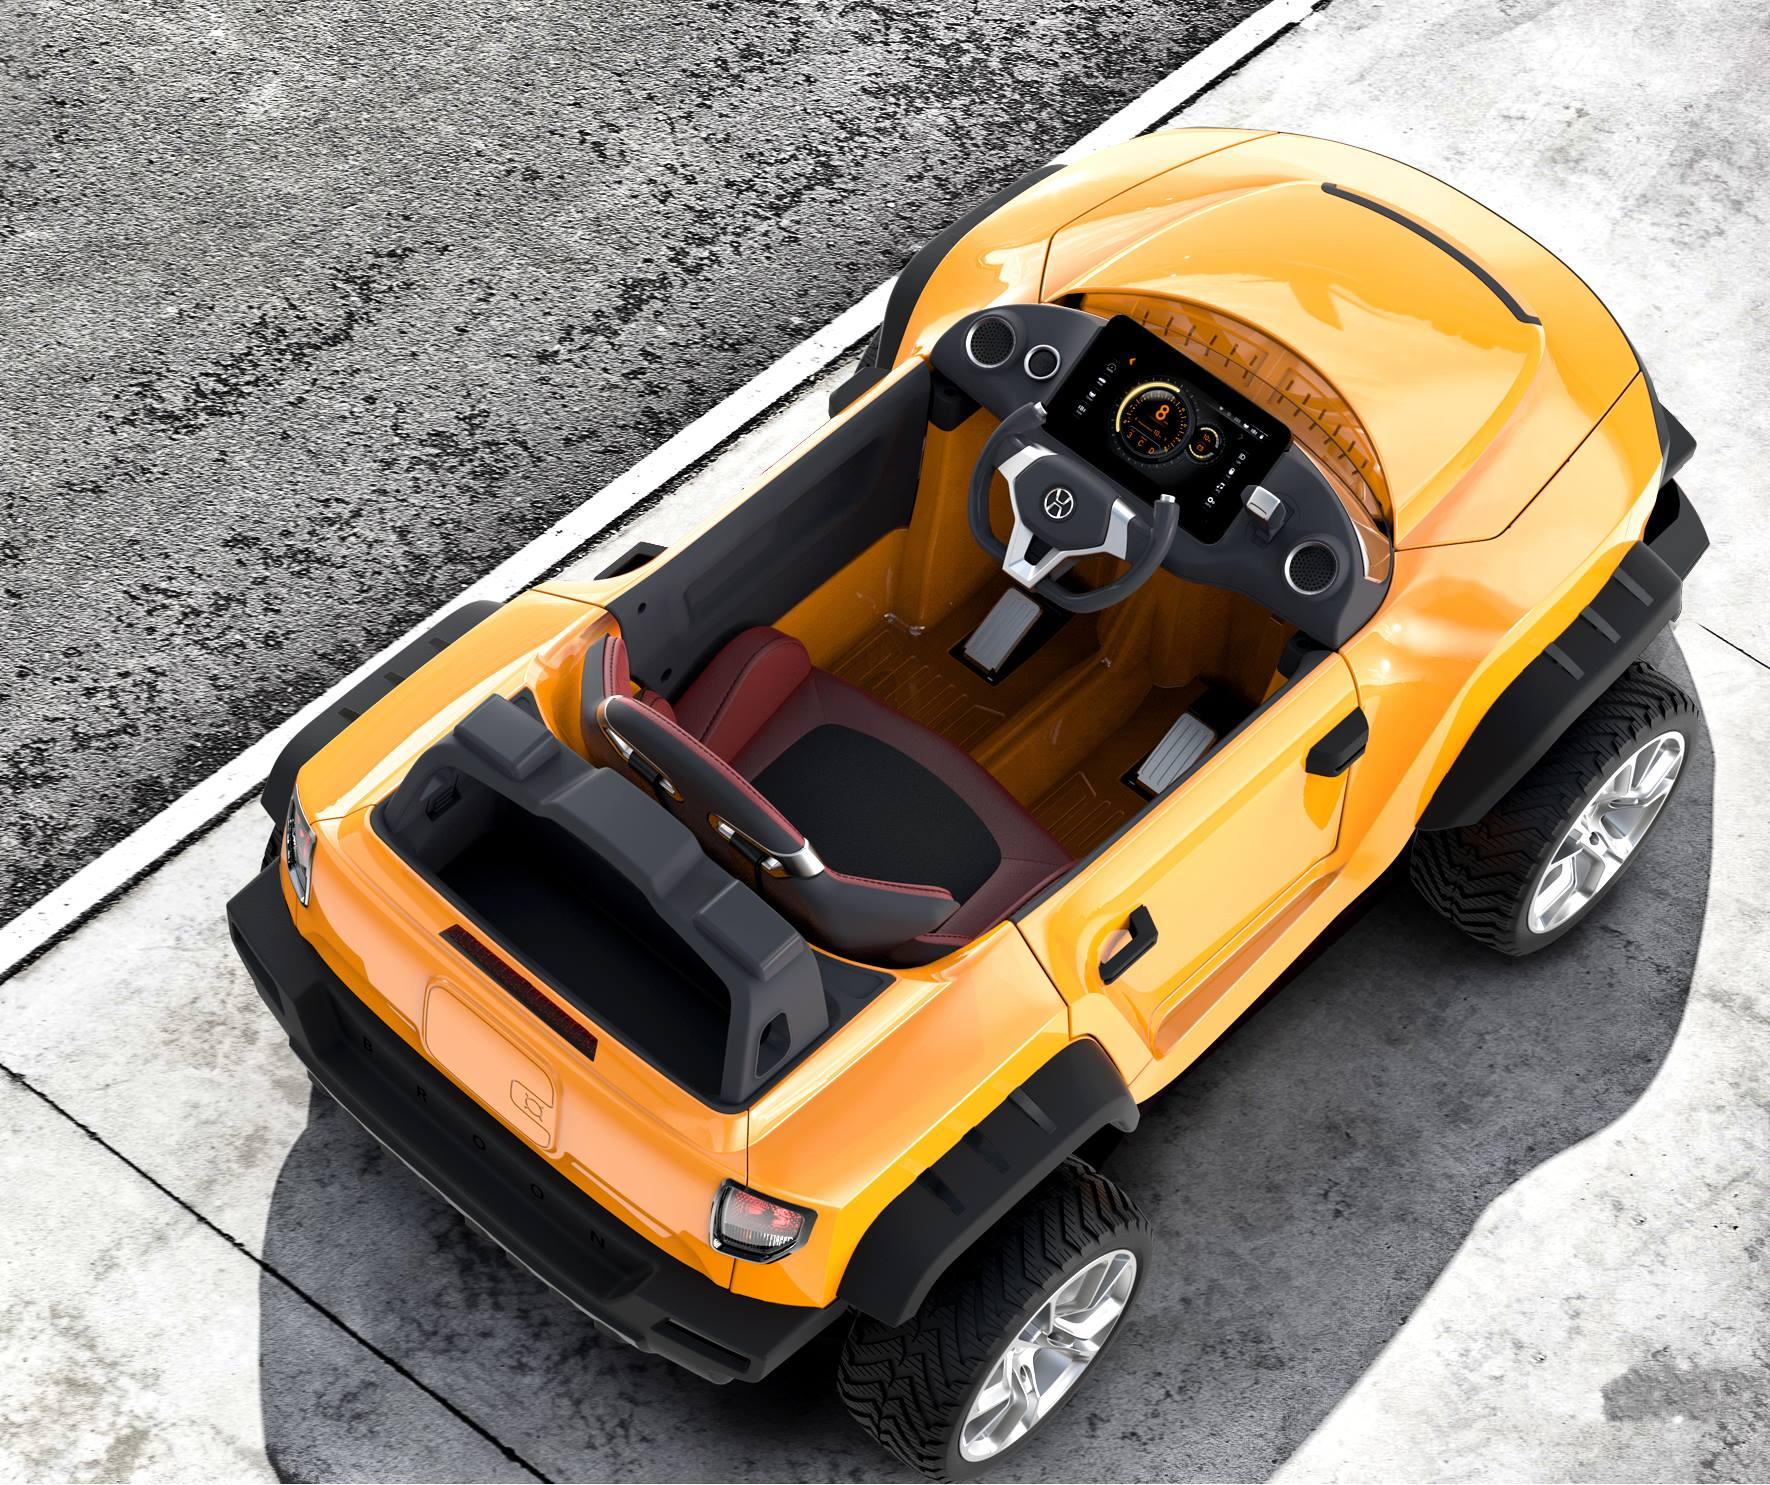 henes broon t870 orange luxus kinder elektro auto allrad. Black Bedroom Furniture Sets. Home Design Ideas